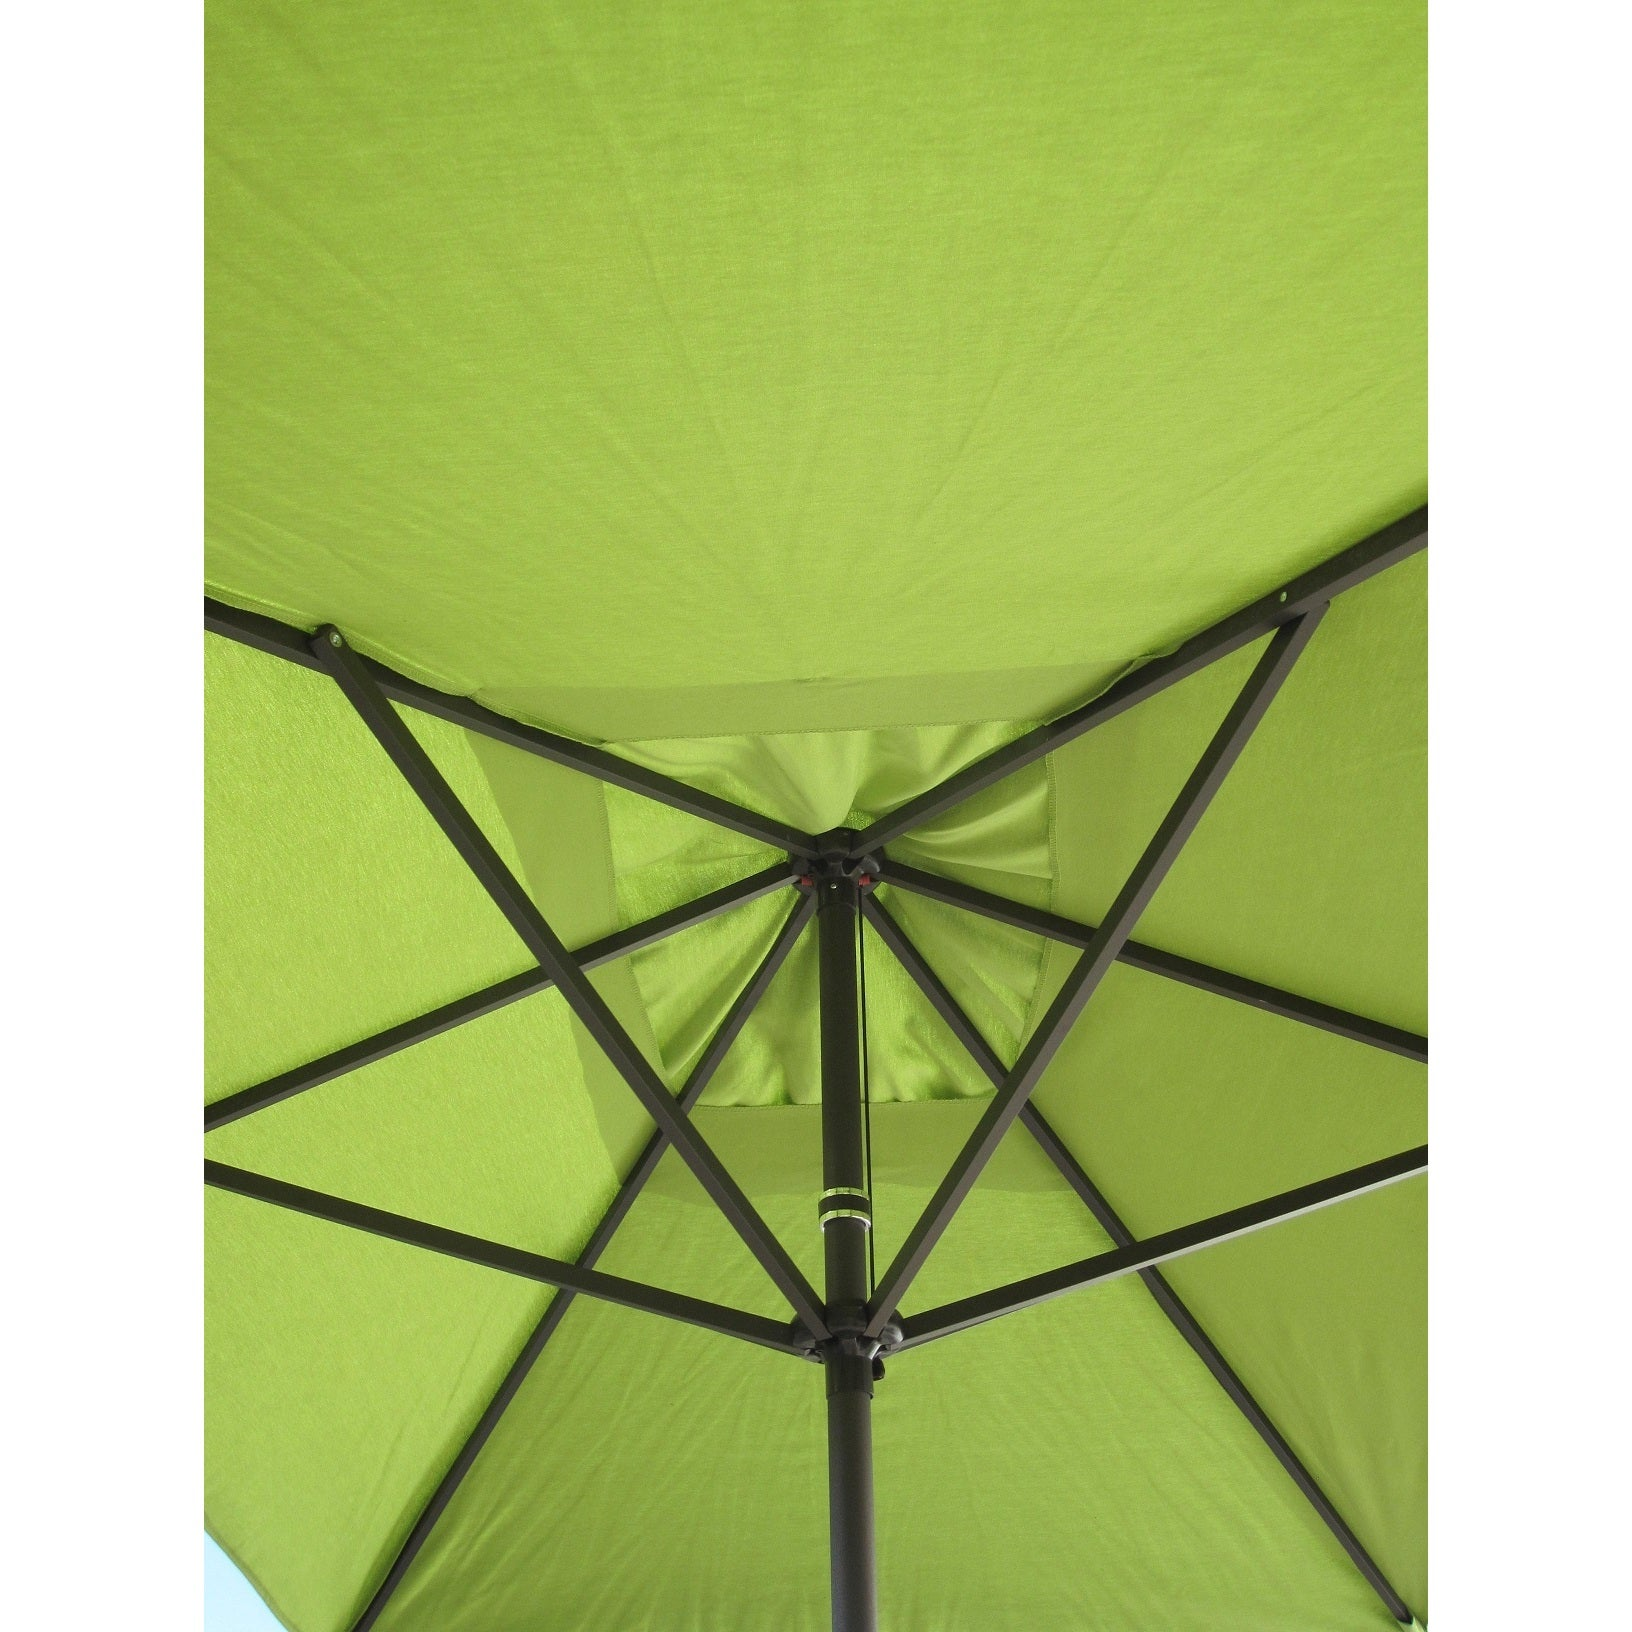 Shop Escada Designs Lime Green 10u0027 X 6u0027 Rectangular Patio Umbrella   Free  Shipping Today   Overstock.com   11933904